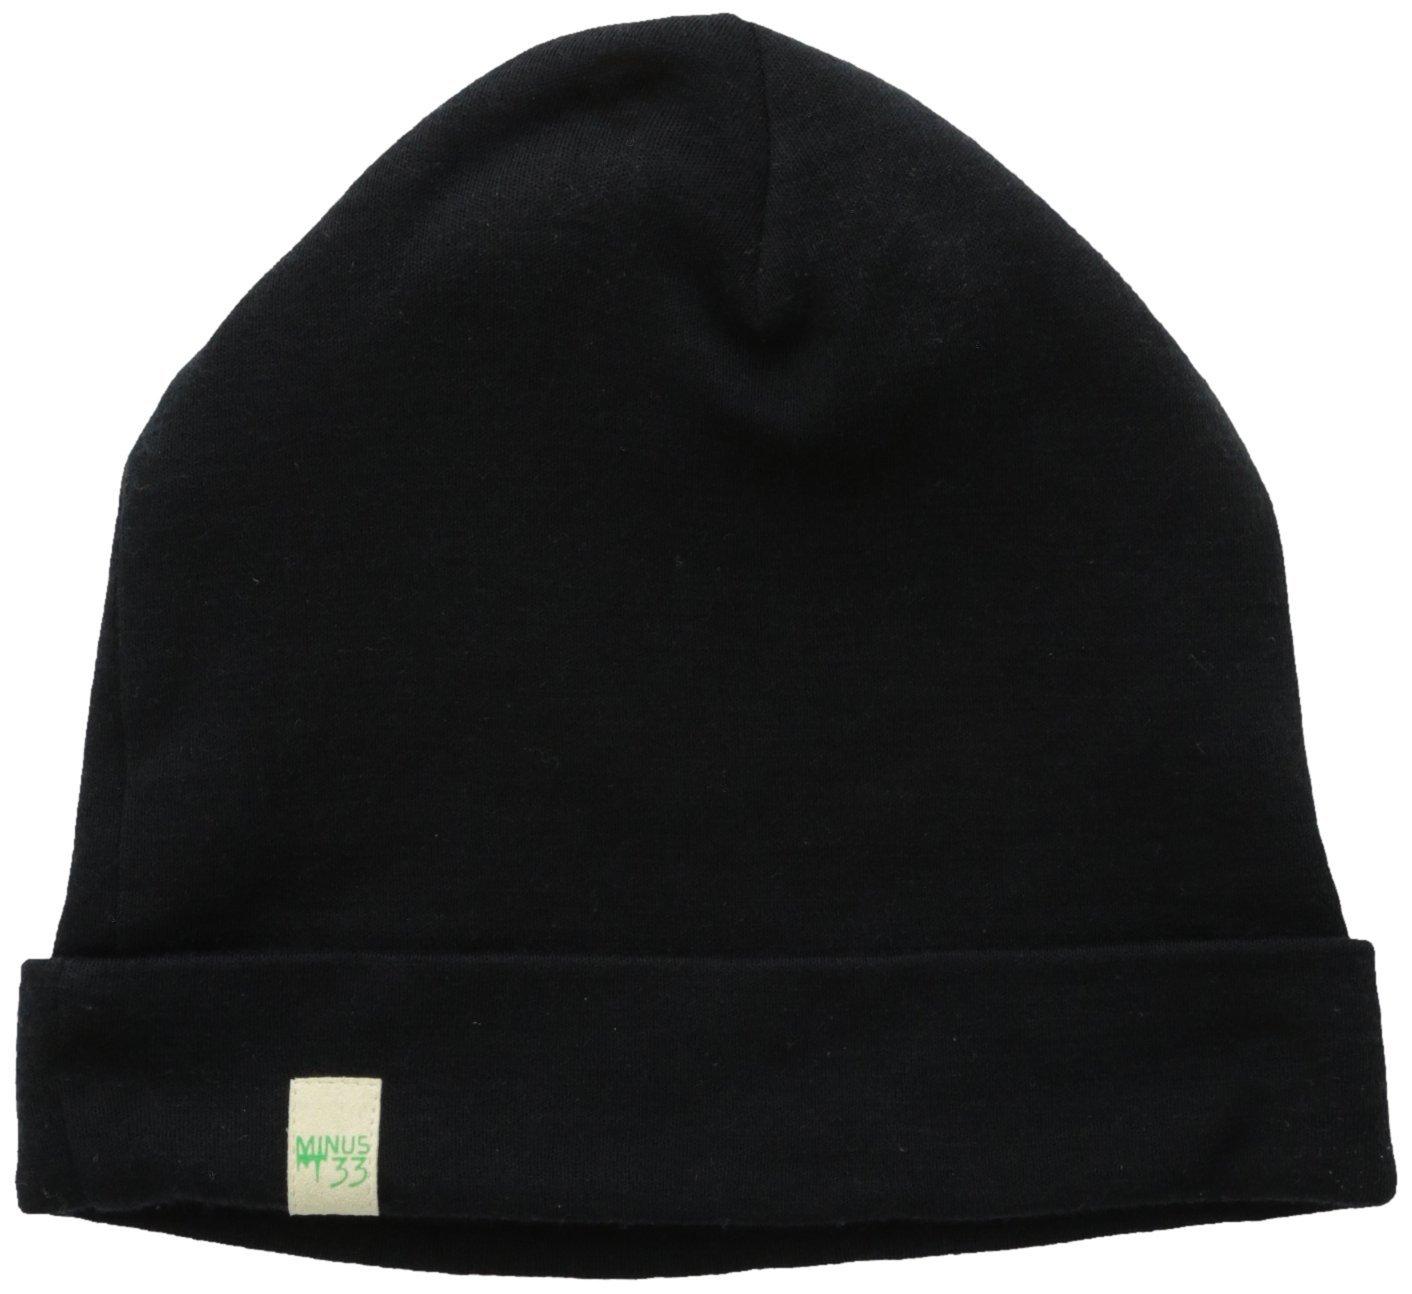 Minus33 Merino Wool Ridge Cuff Beanie | Blingby